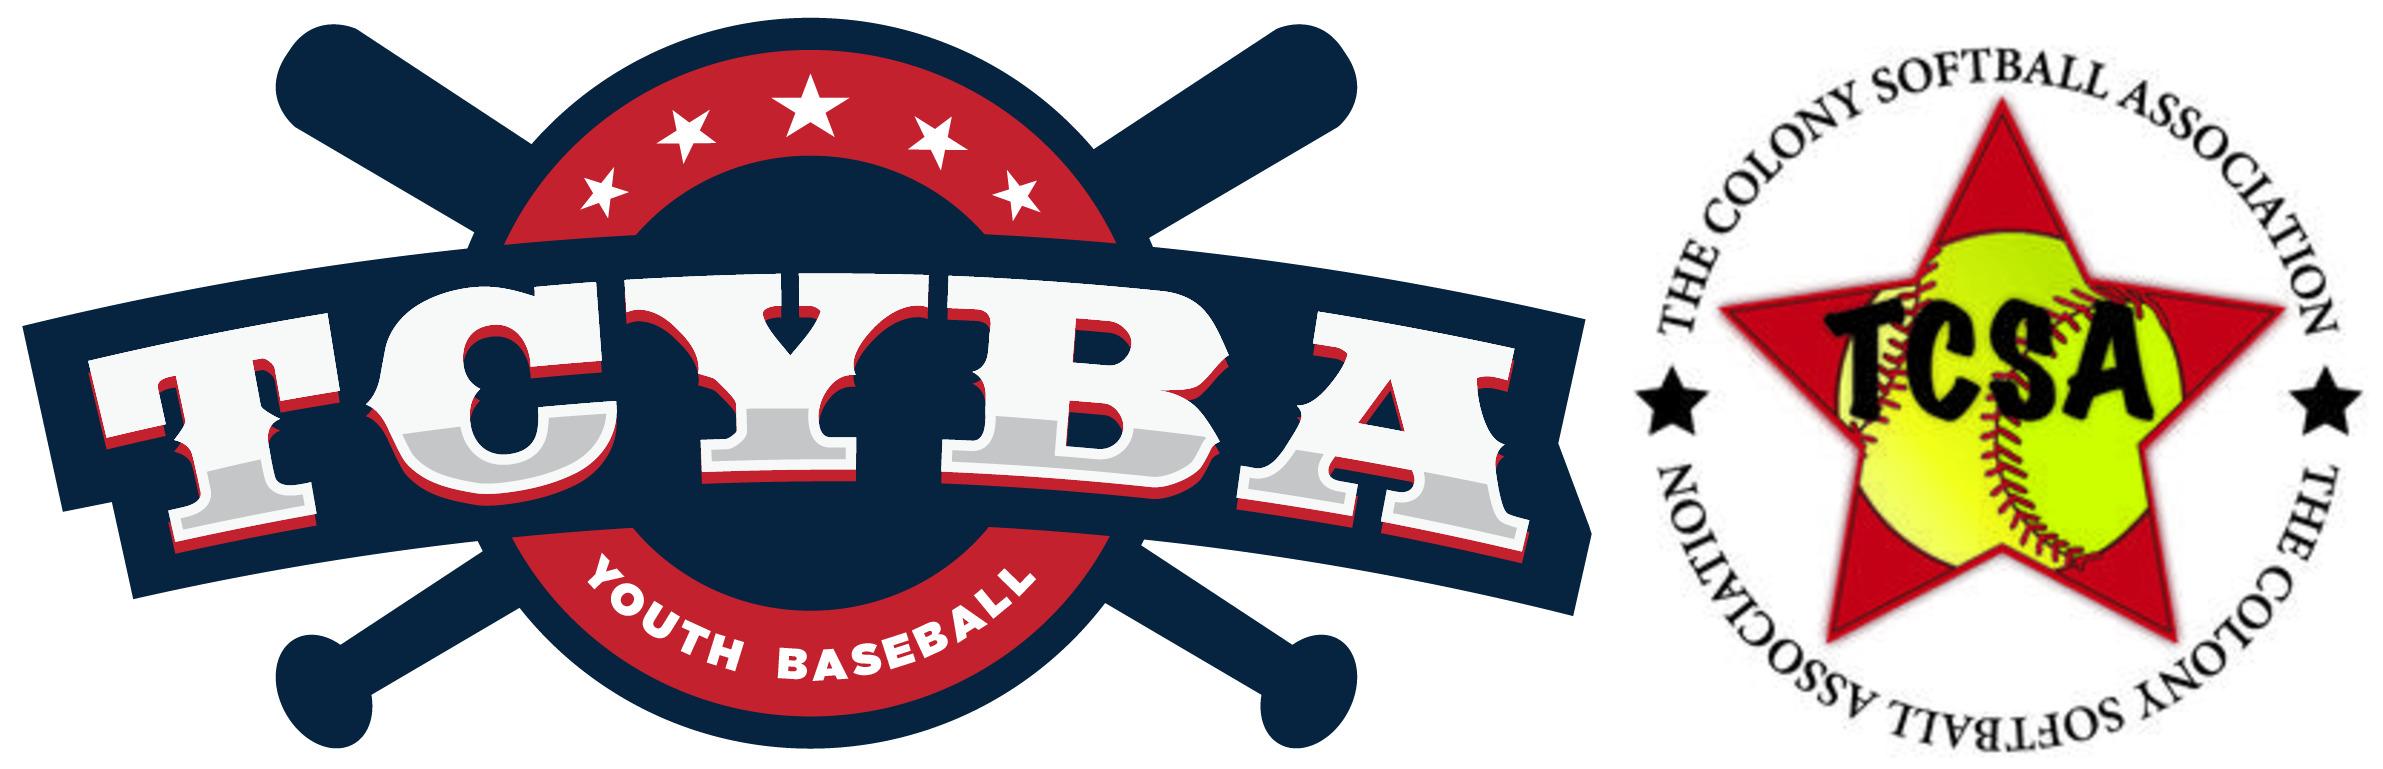 TCYBA-baseball-and-softball-logos